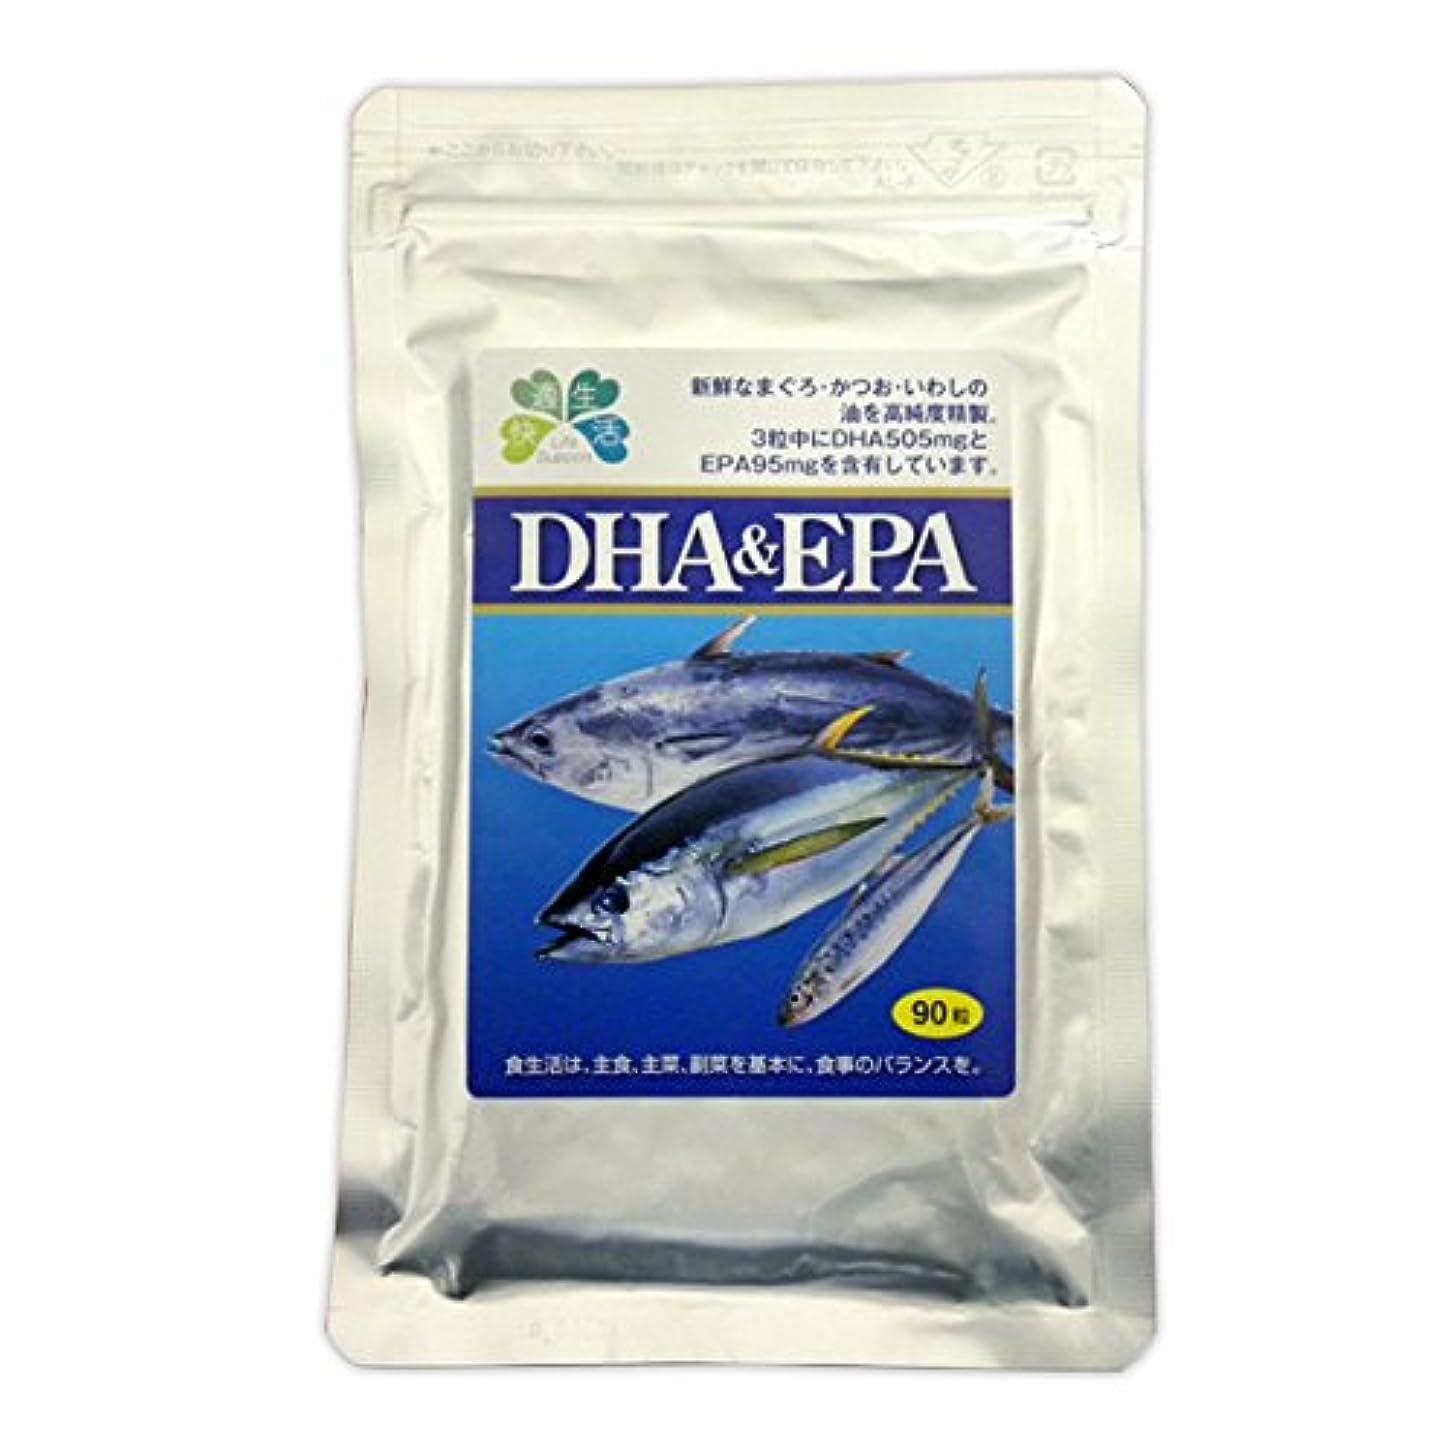 ワーカートリップ落ち込んでいる快適生活 DHA&EPA 4袋